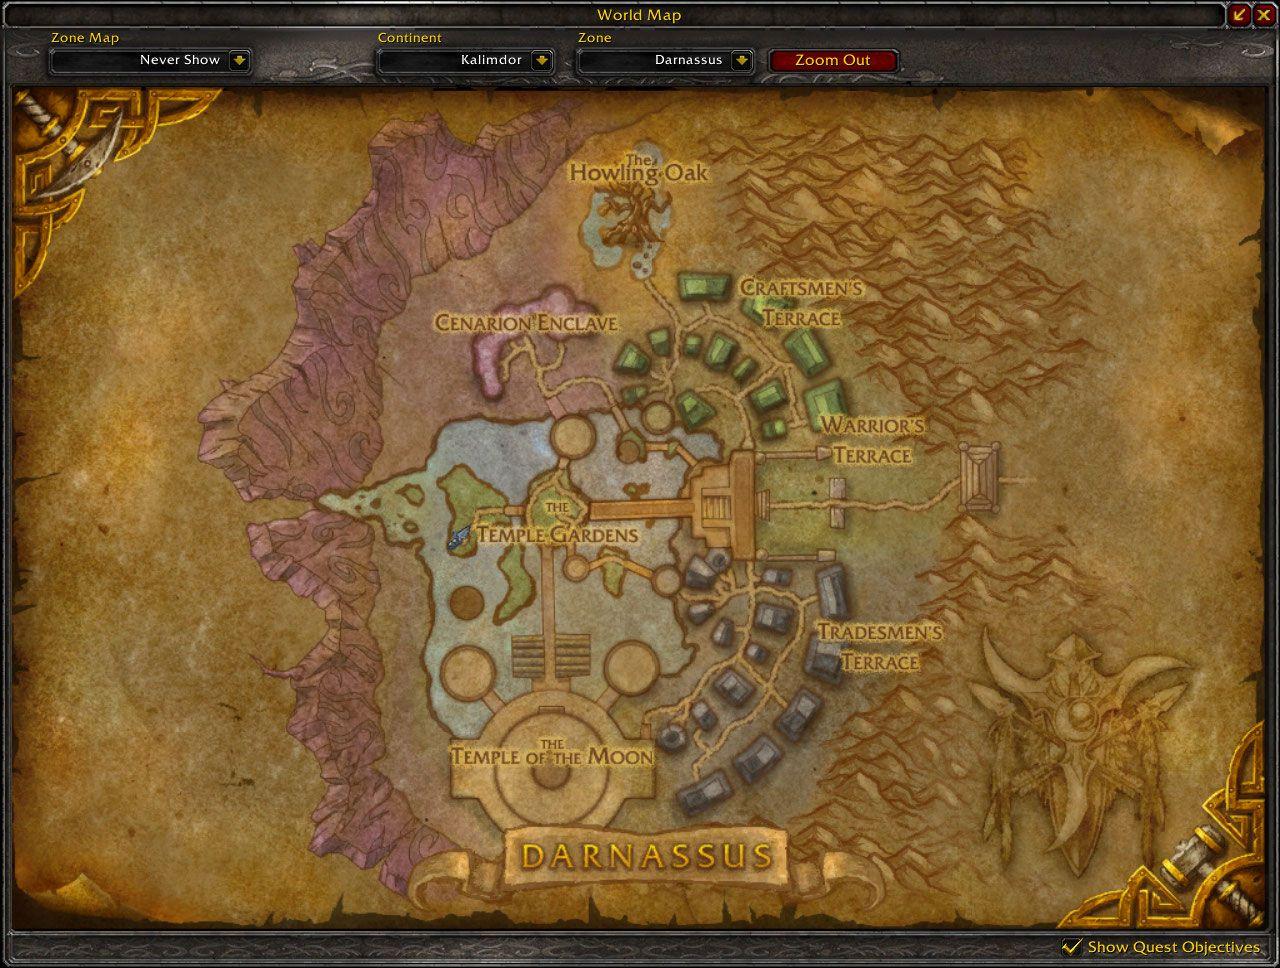 Darnassus cataclysm map wow screenshot gamingcfg darnassus cataclysm map wow screenshot gumiabroncs Choice Image